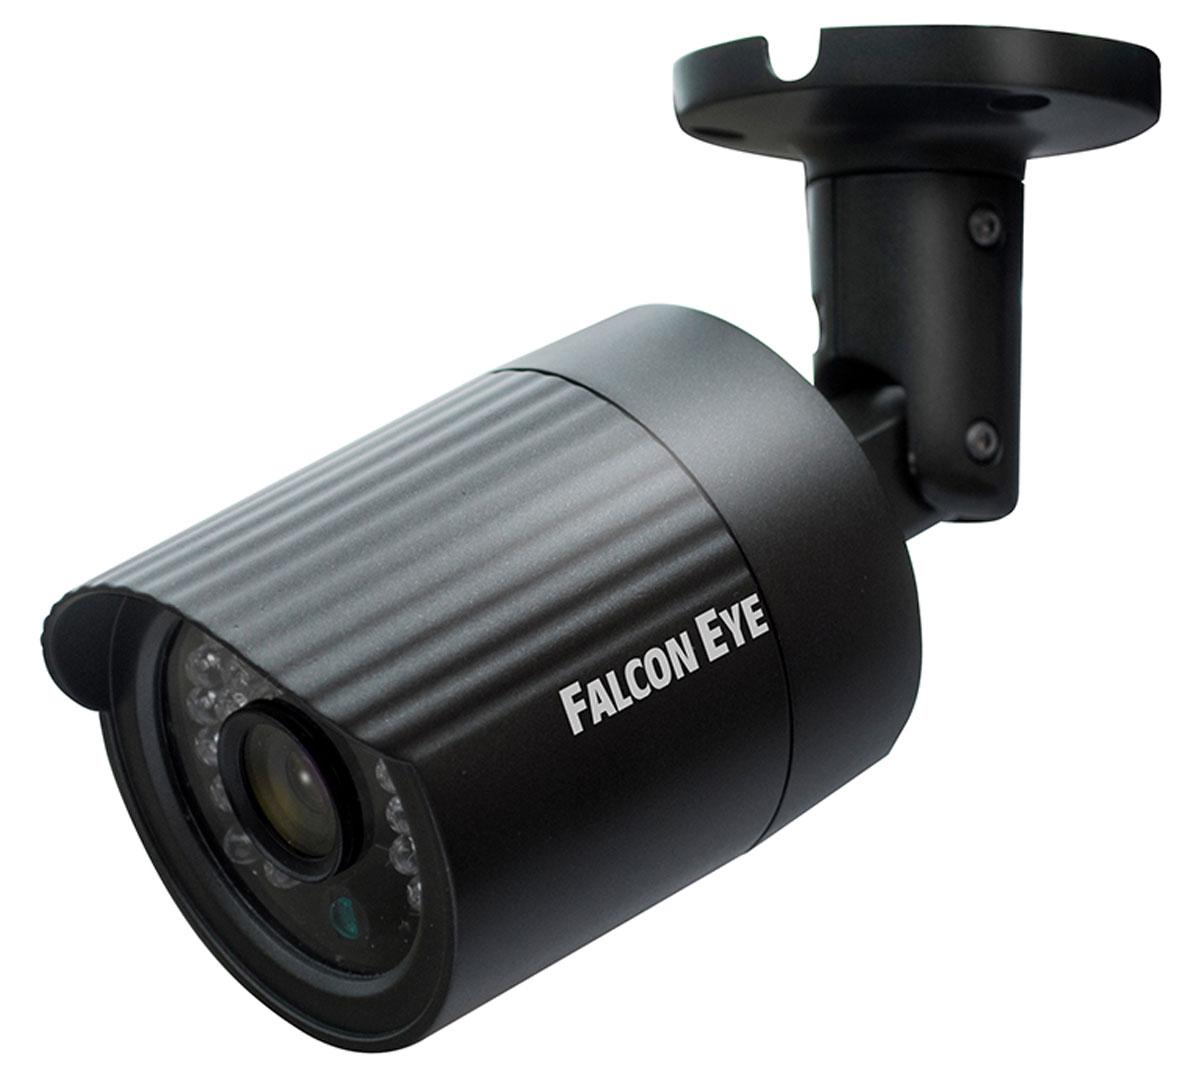 Falcon Eye FE-IPC-BL100P уличная IP-камераFE-IPC-BL100PСетевая уличная видеокамера Falcon Eye FE-IPC-BL100P построена на CMOS матрице OmniVision 1/4, с разрешением 1.3 мегапикселя. На устройстве установлен объектив с фокусным расстоянием 2,8 мм, что при матрице такого размера будет давать угол обзора, сопоставимый с объективом 3,6 мм. Камера выполнена в миниатюрном металлическом корпусе и способна выдавать в сеть видео поток с разрешением 1280х720Р. Возможность работать по Poe является дополнительным бонусом данной модели. Скорость затвора: 1/25 - 1/10000 День/ночь: Auto/B/W/Color/EXT ICR switching Функционал: DWDR, 3D NК Разрешение: 1280 х 720 Видео: Bit rate 1024Kbps-6144Kbps Мобильные платформы: Apple, Android Потребляемая мощность: менее 5 Вт